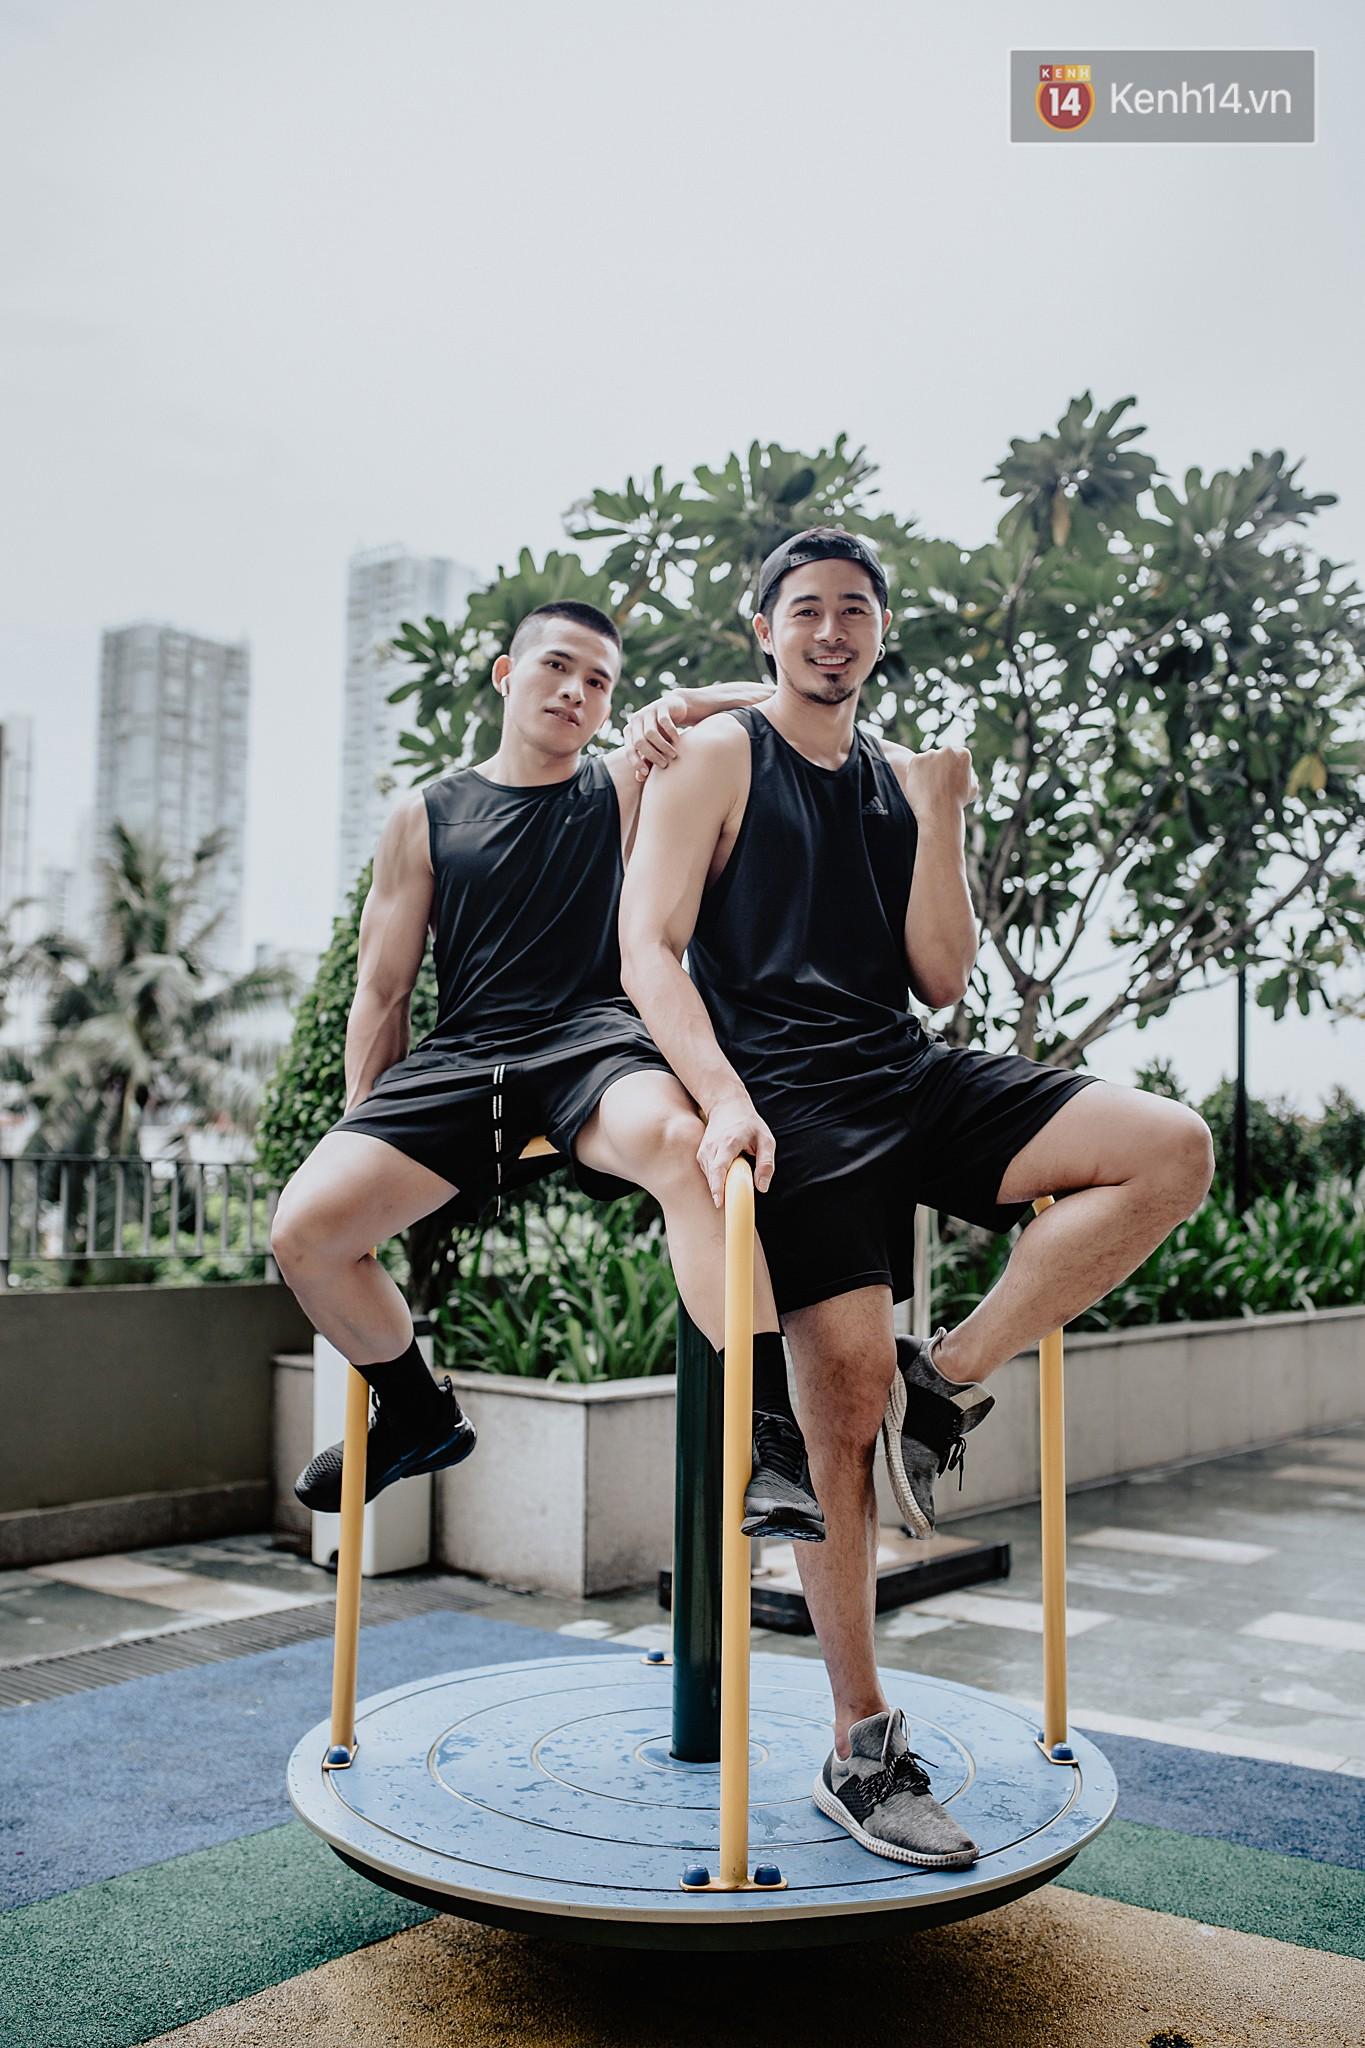 Team Đen - Cuộc đua kỳ thú 2019: Dương Mạc Anh Quân gọi Quốc Thiên là một... con quỷ, nóng tính đến đáng sợ - Ảnh 5.